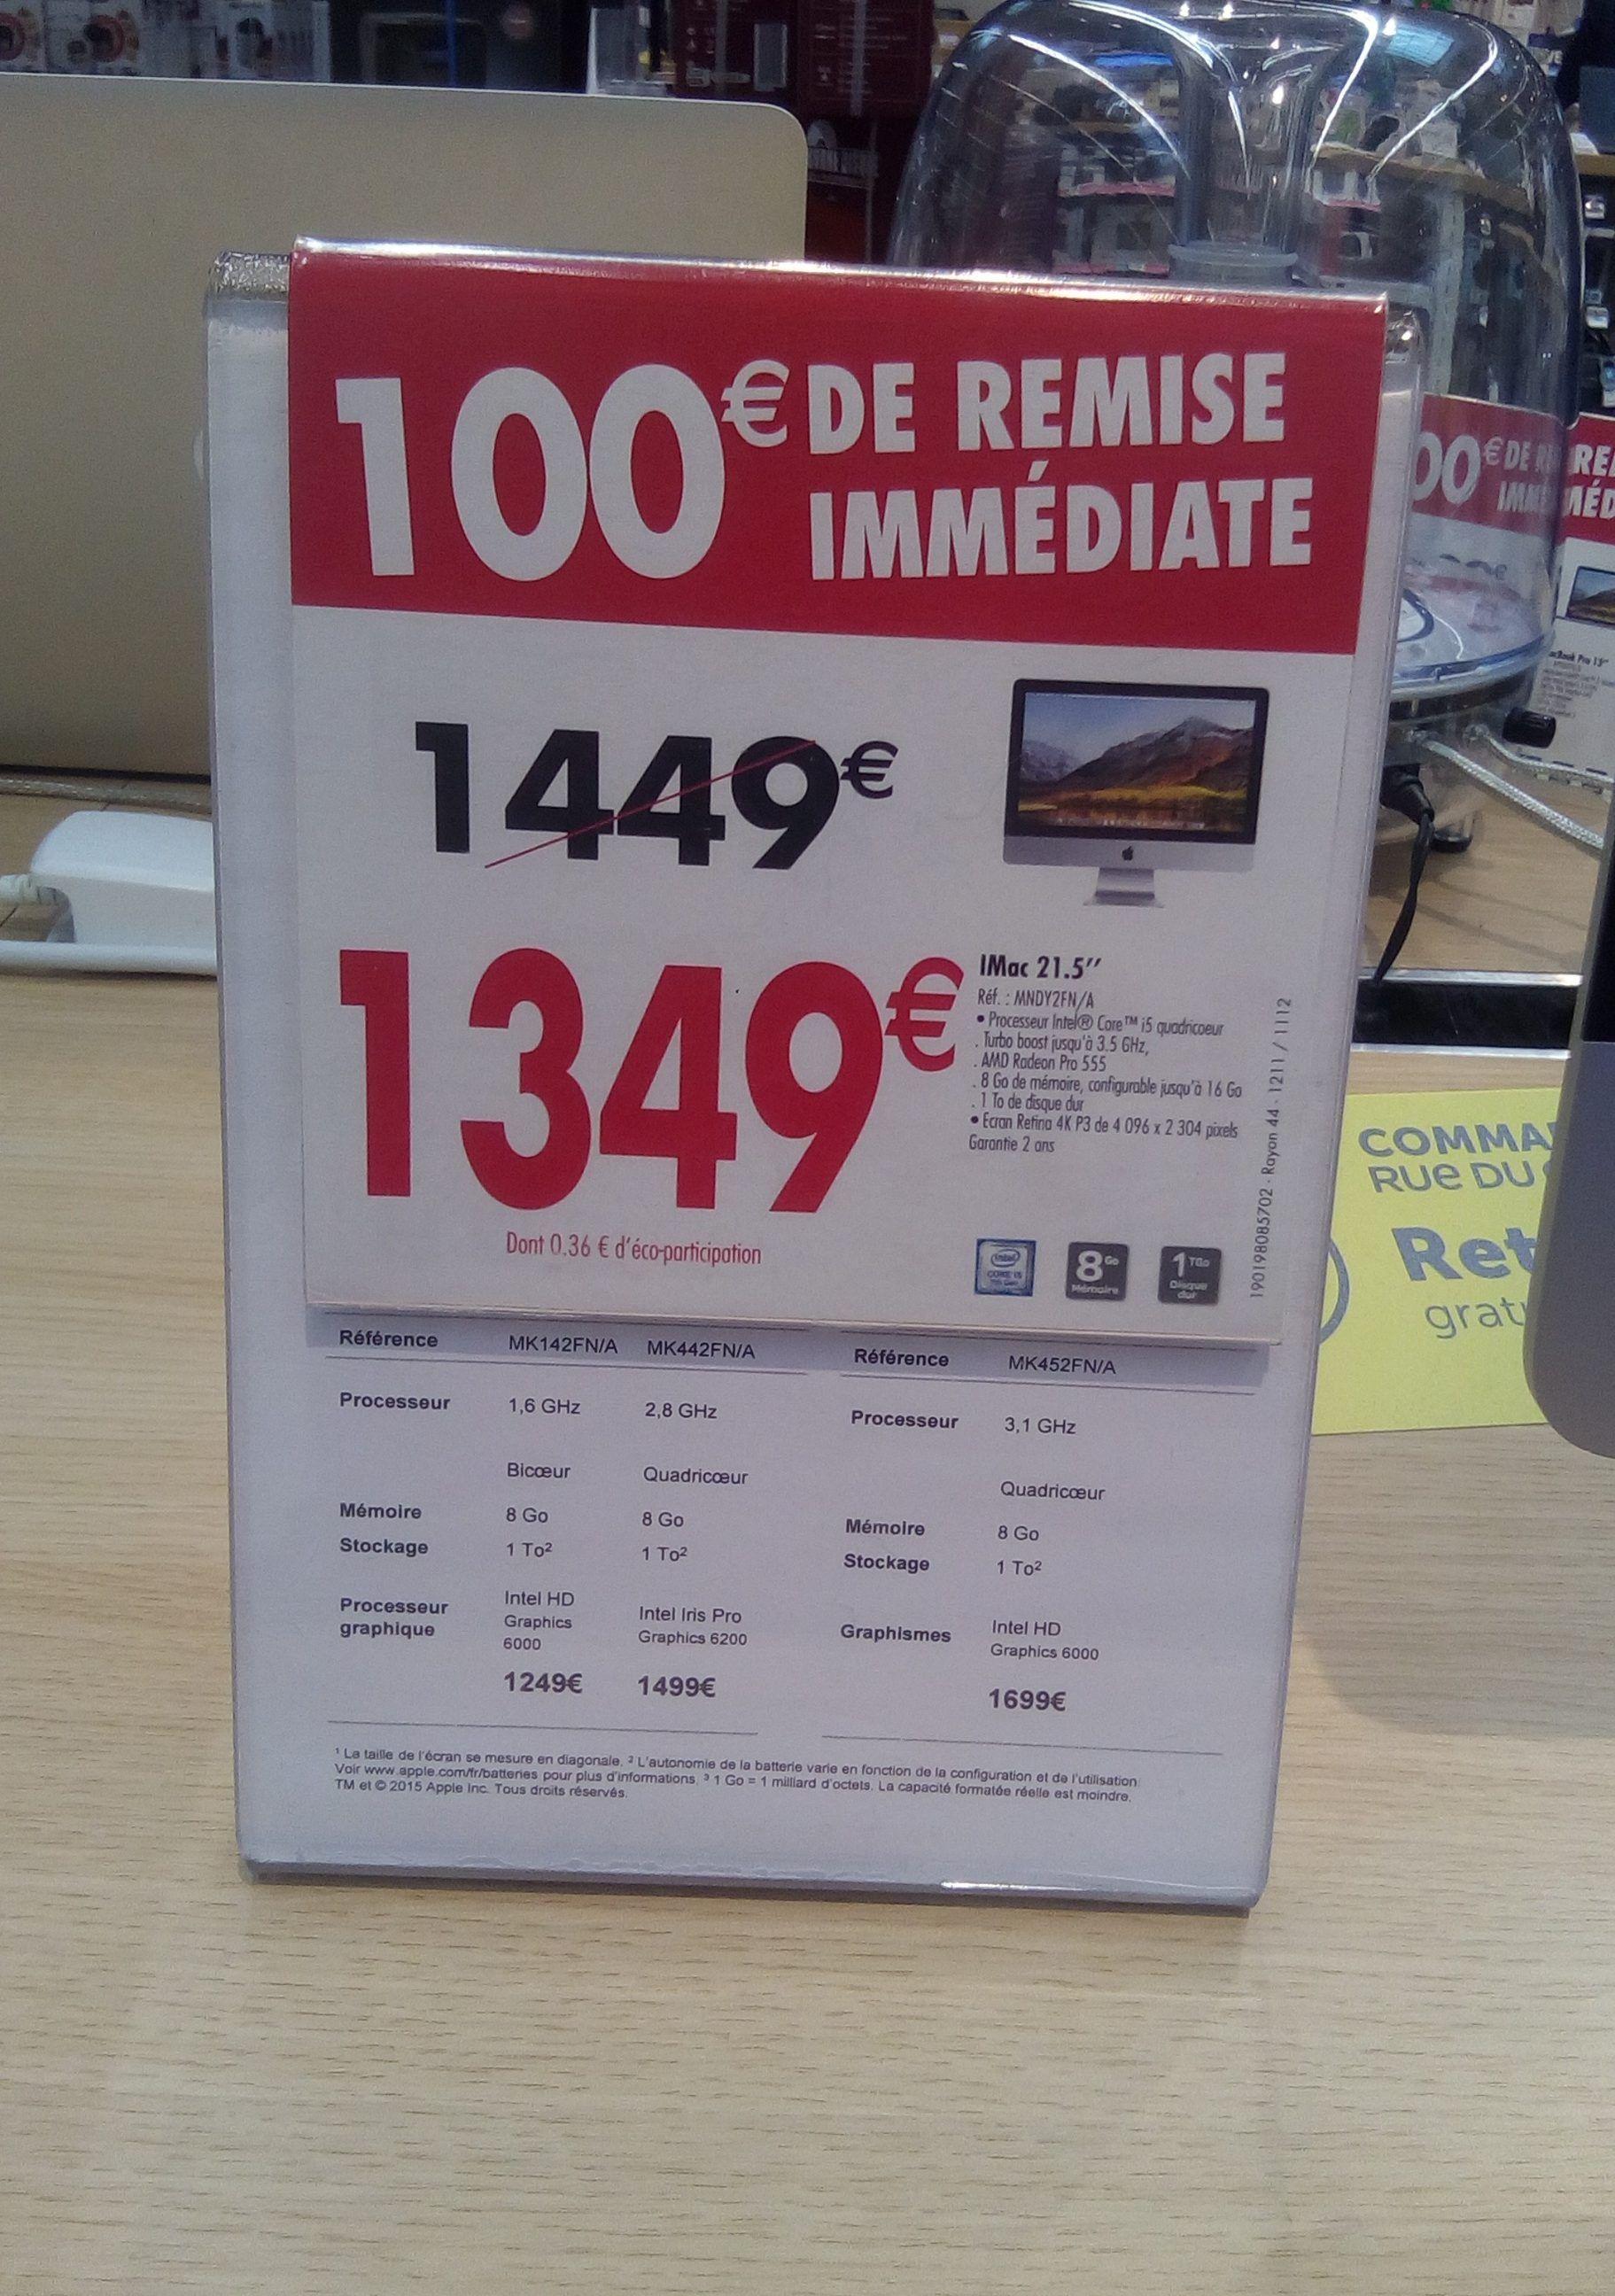 IMac 21.5 retina MNDY2FN/A (337.25 € crédité sur la carte fidélité)